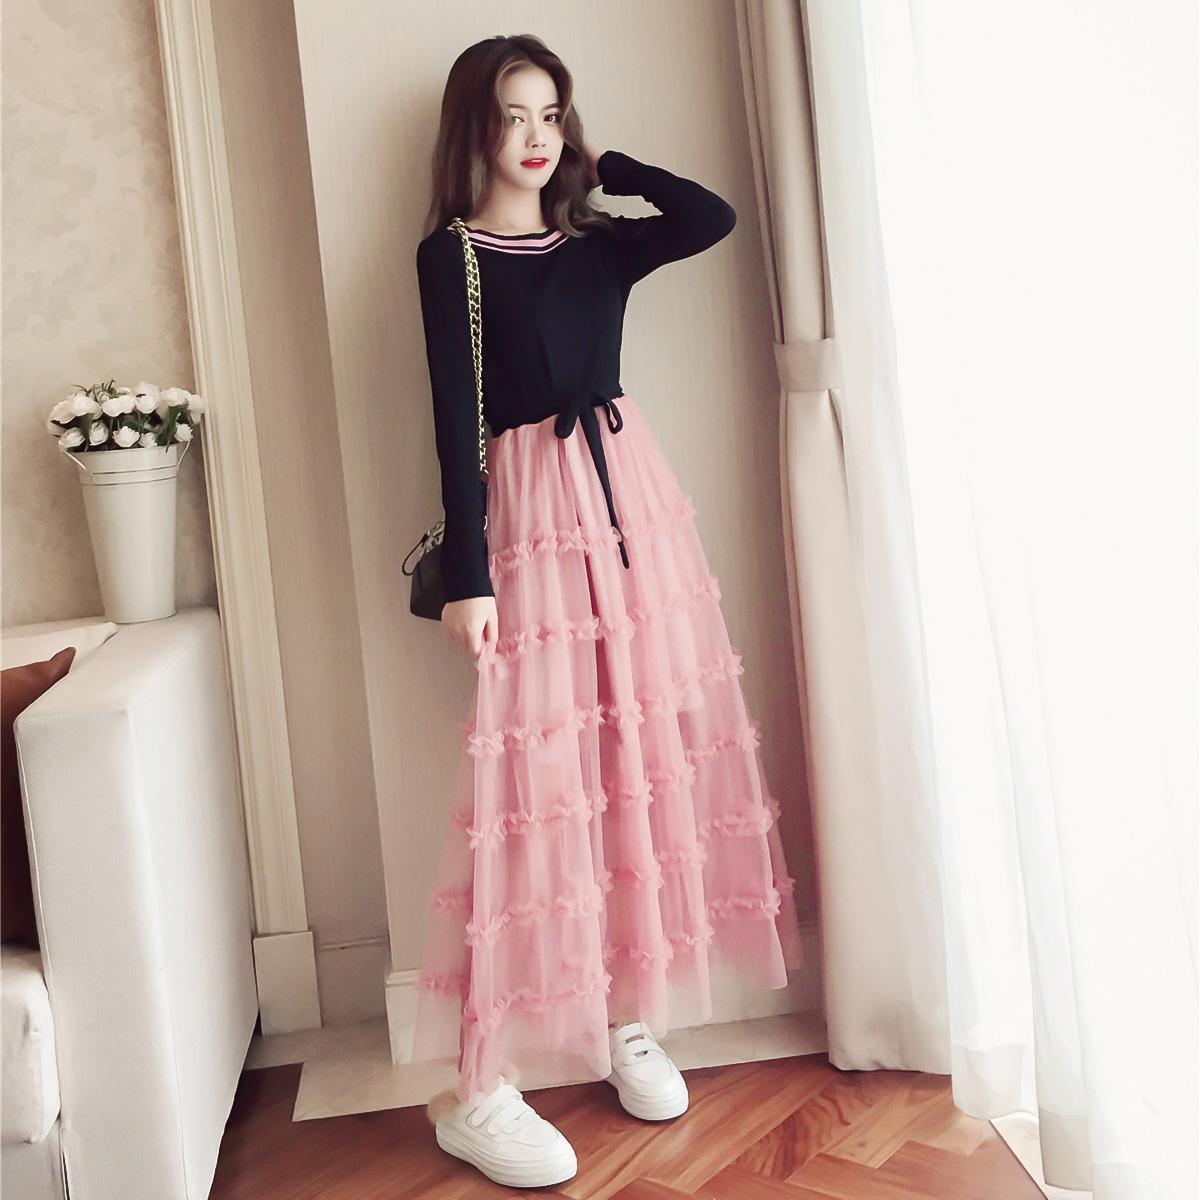 连衣裙 秋装 新款 针织 拼接 长袖 早秋 裙子